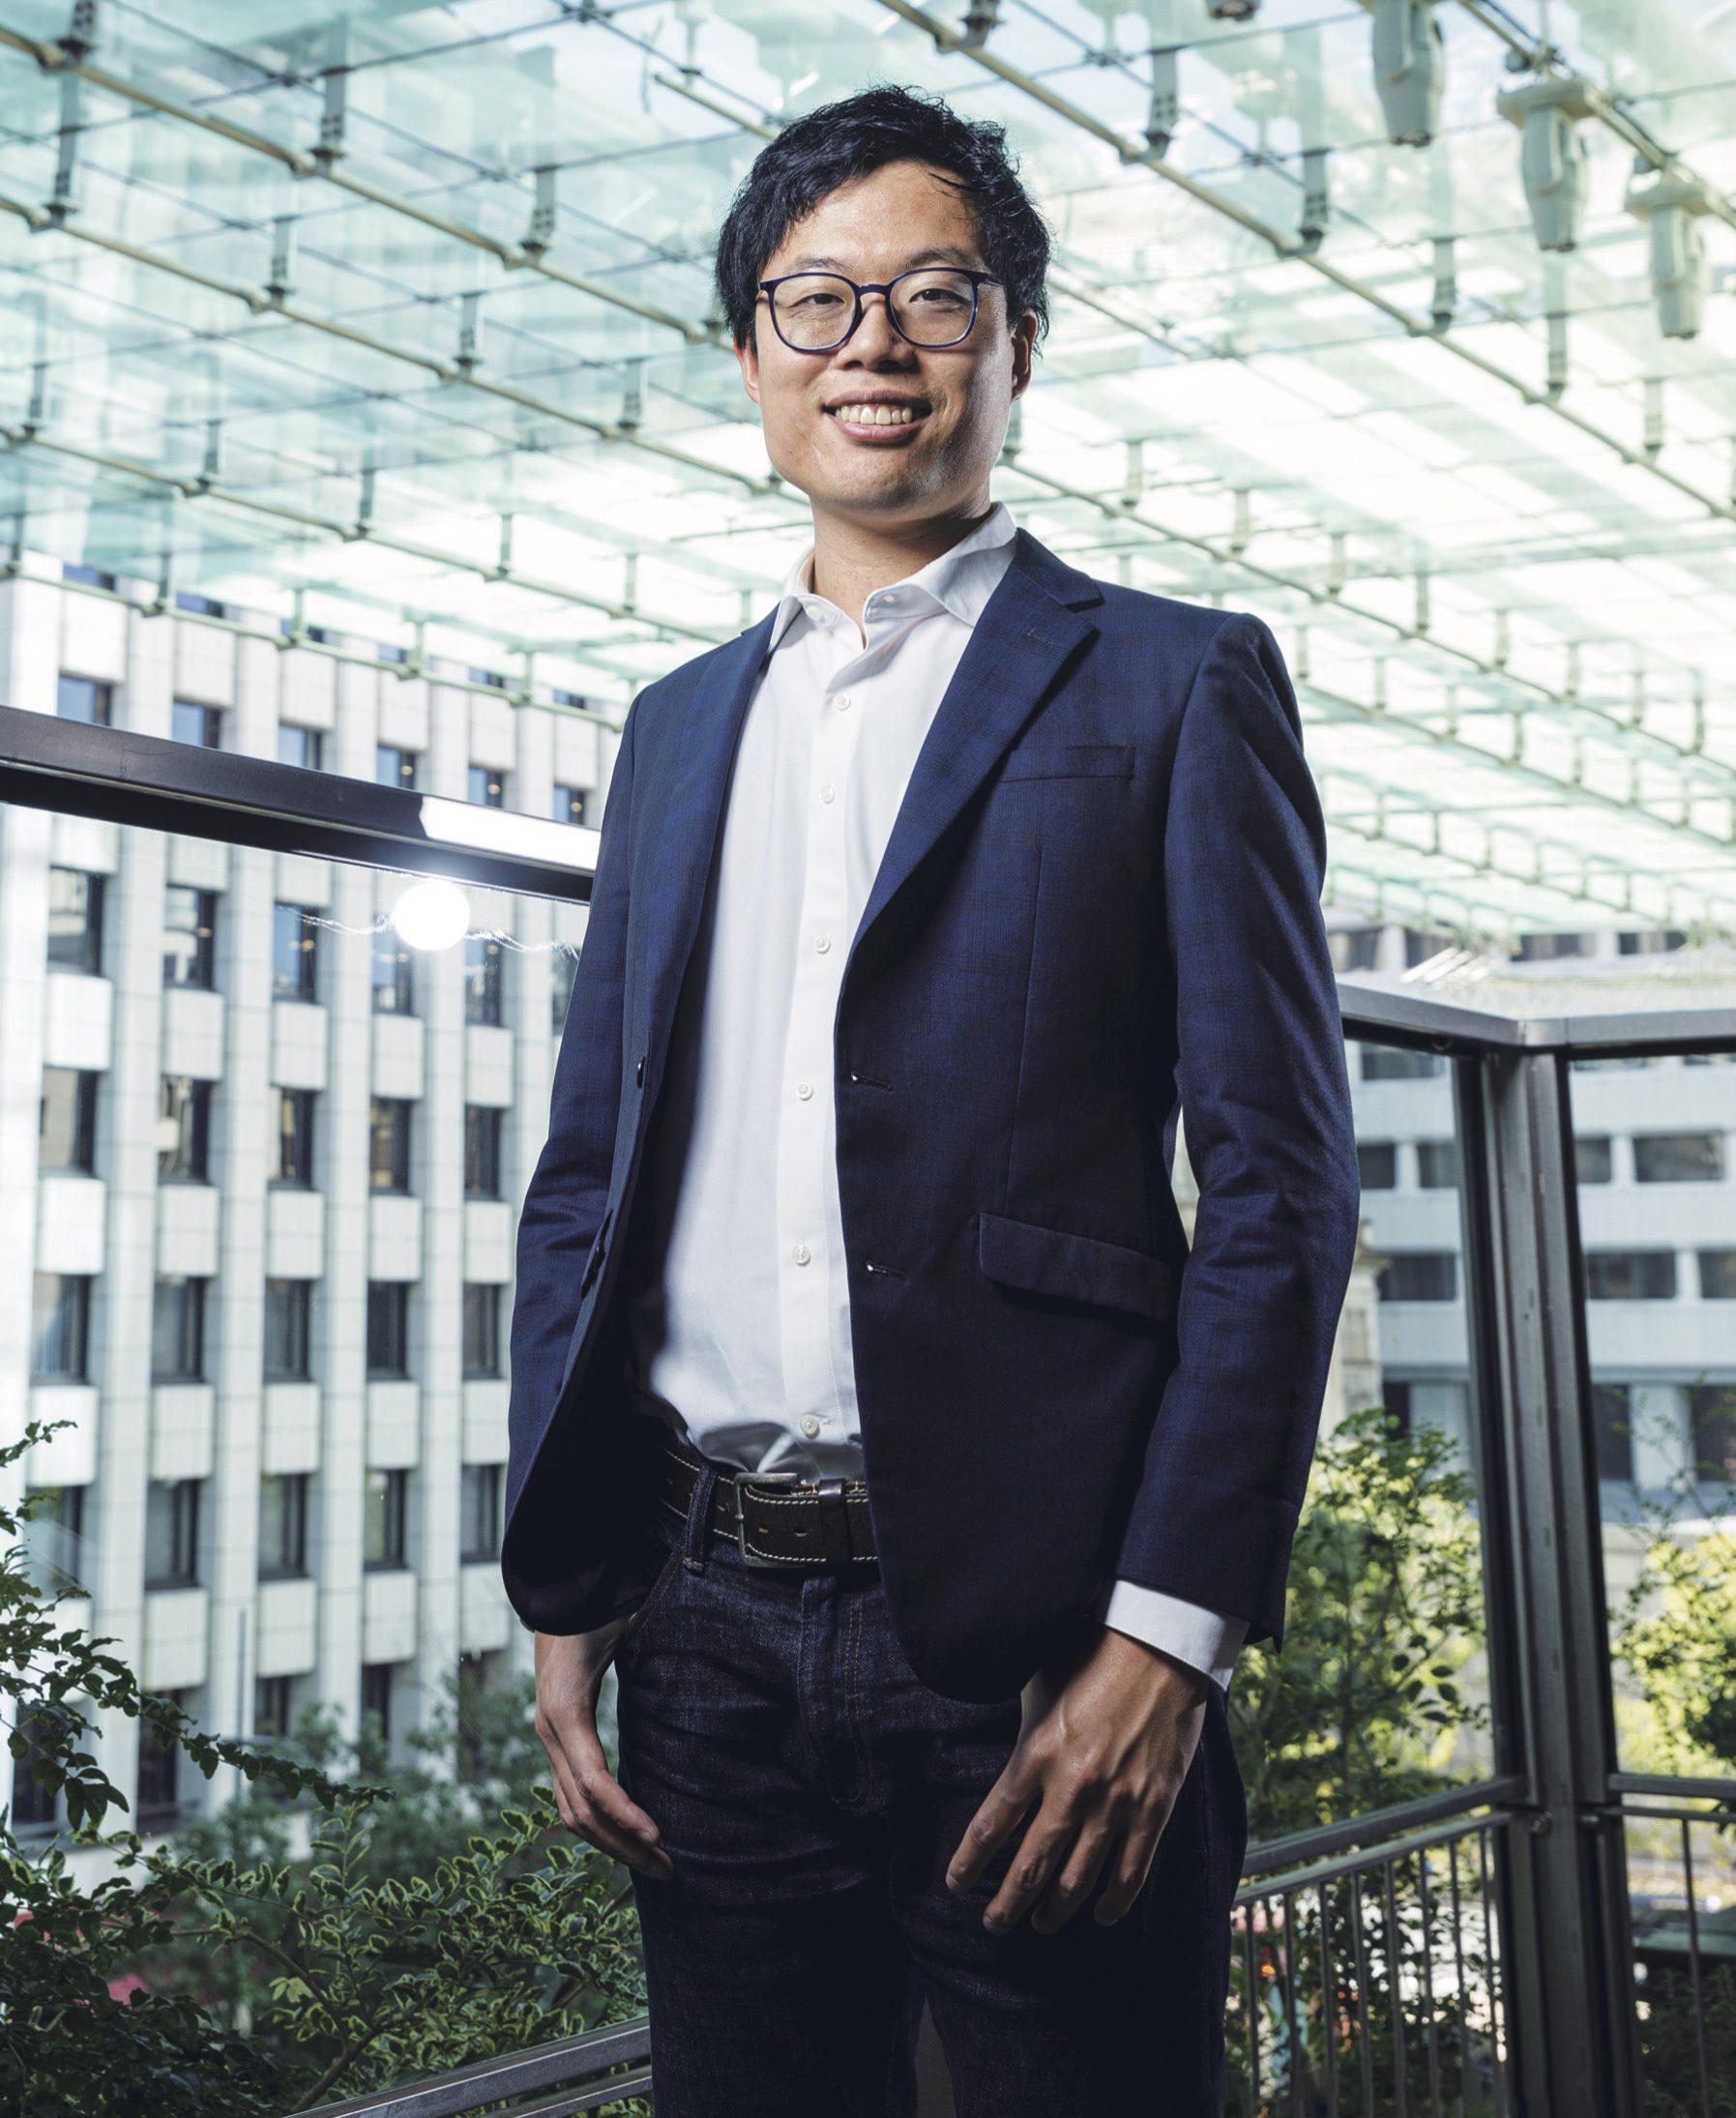 福澤知浩:「未来の乗り物」現実に 移動の自由を目指す先駆者